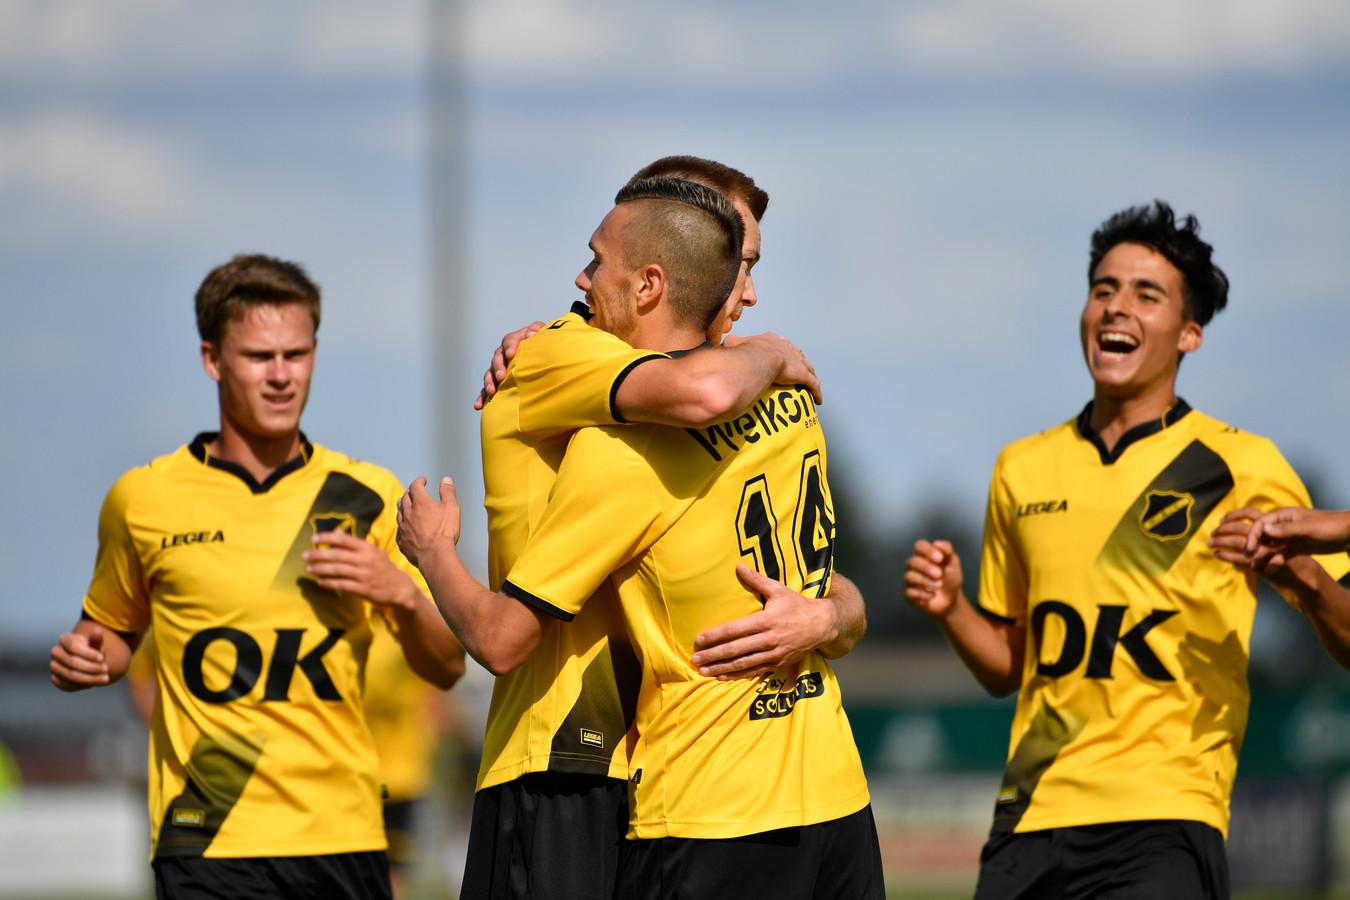 Verschueren omhelst Filipovic na een van zijn twee doelpunten zondag tegen Lokomotiva Zagreb, Robin Schouten (l.) en Yassine Azzagari delen mee in de feestvreugde.